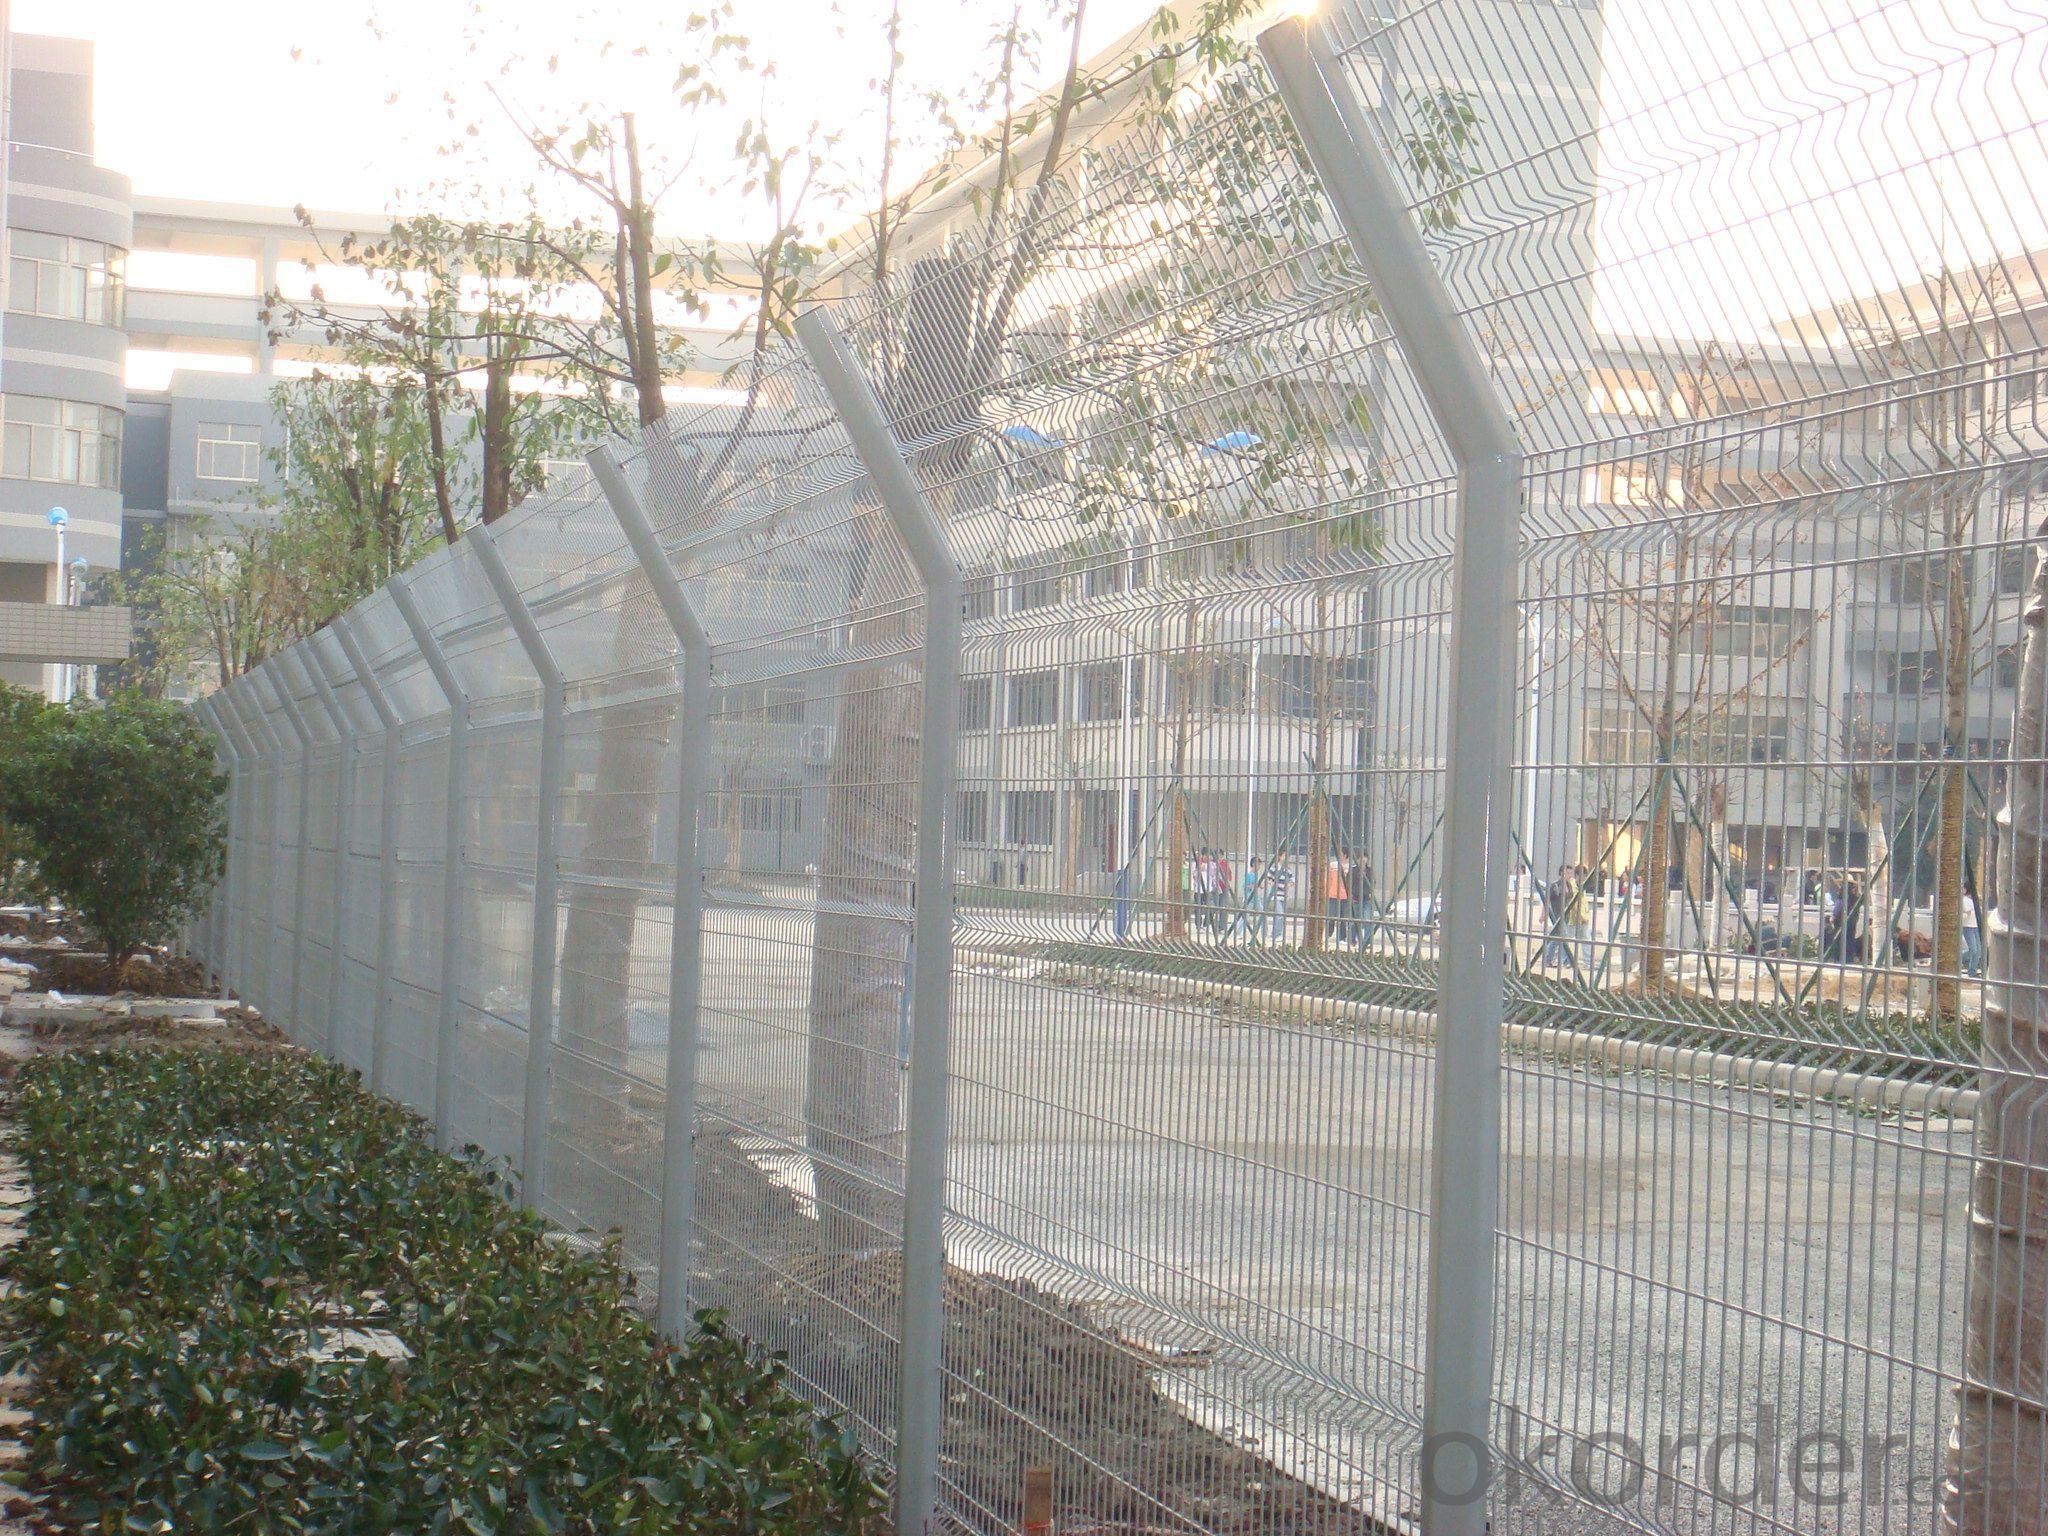 White Plastic Fence Morden Style for Garden